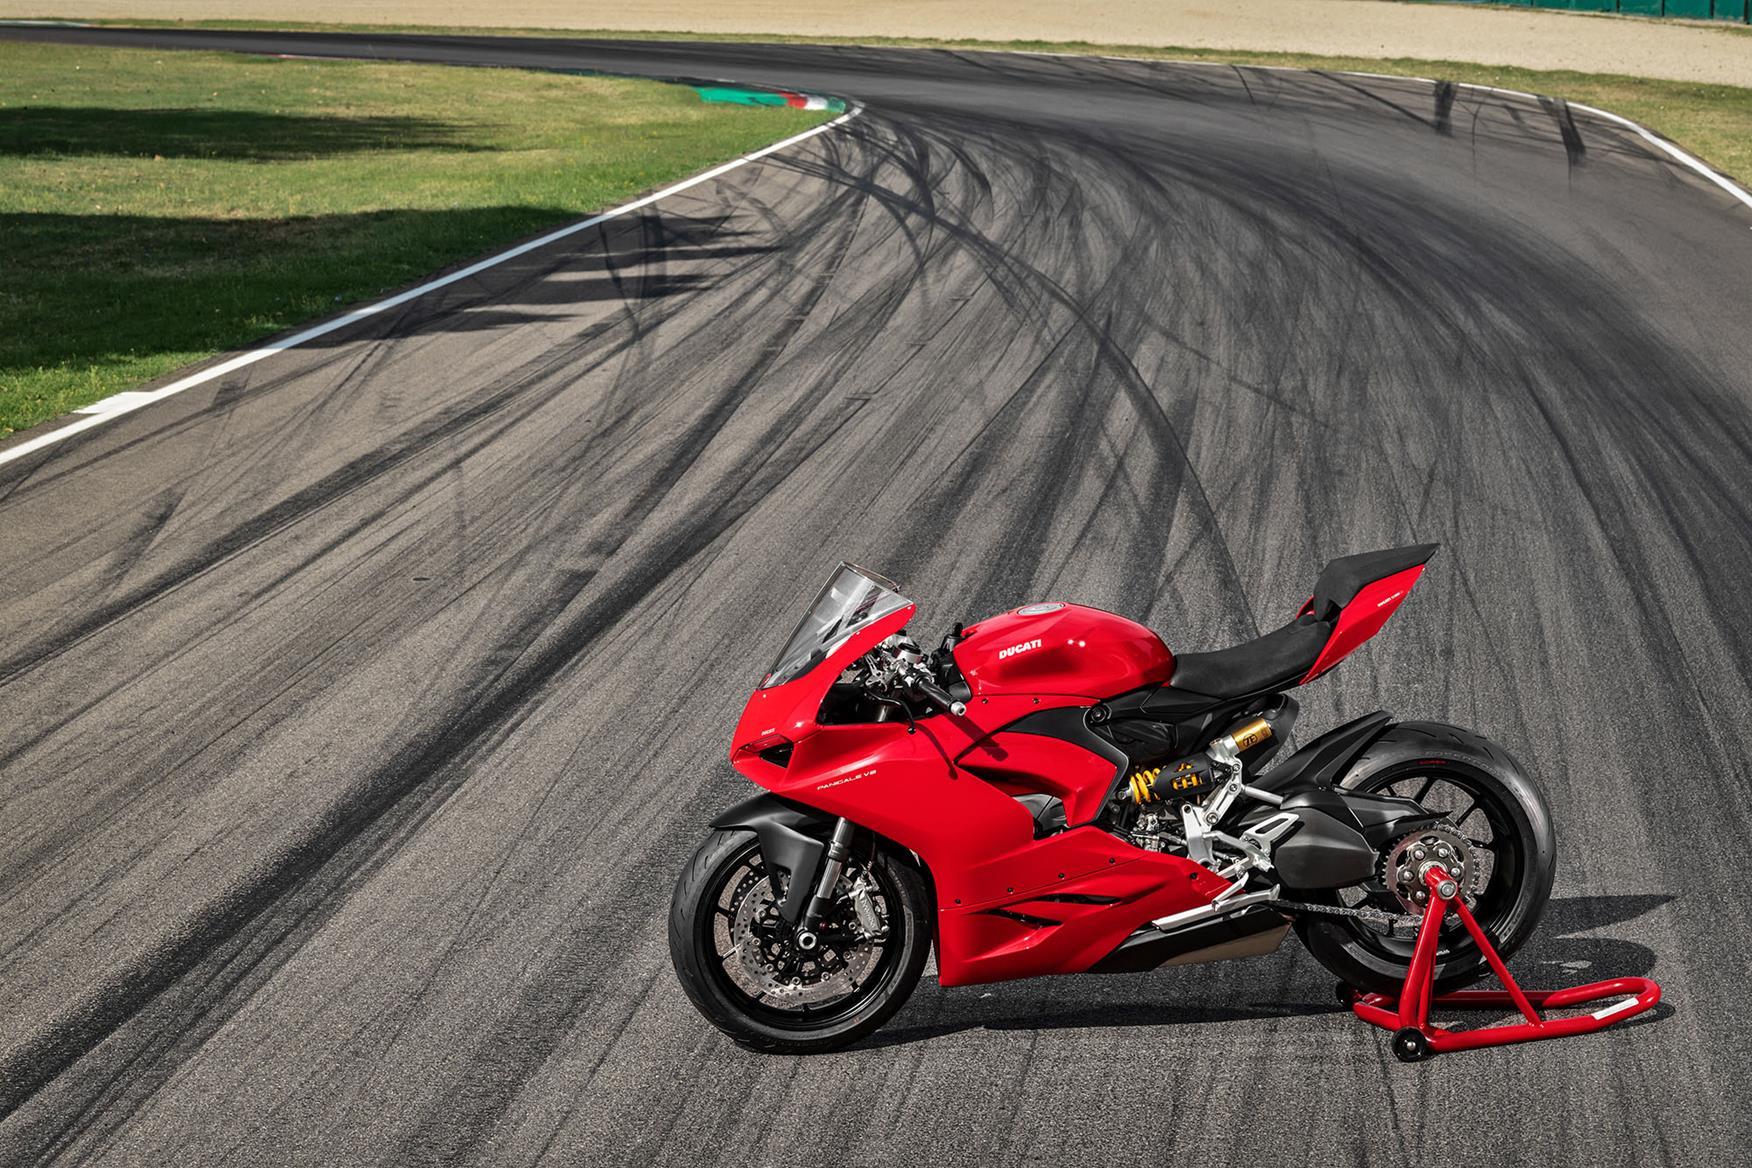 Ducati's Panigale V2